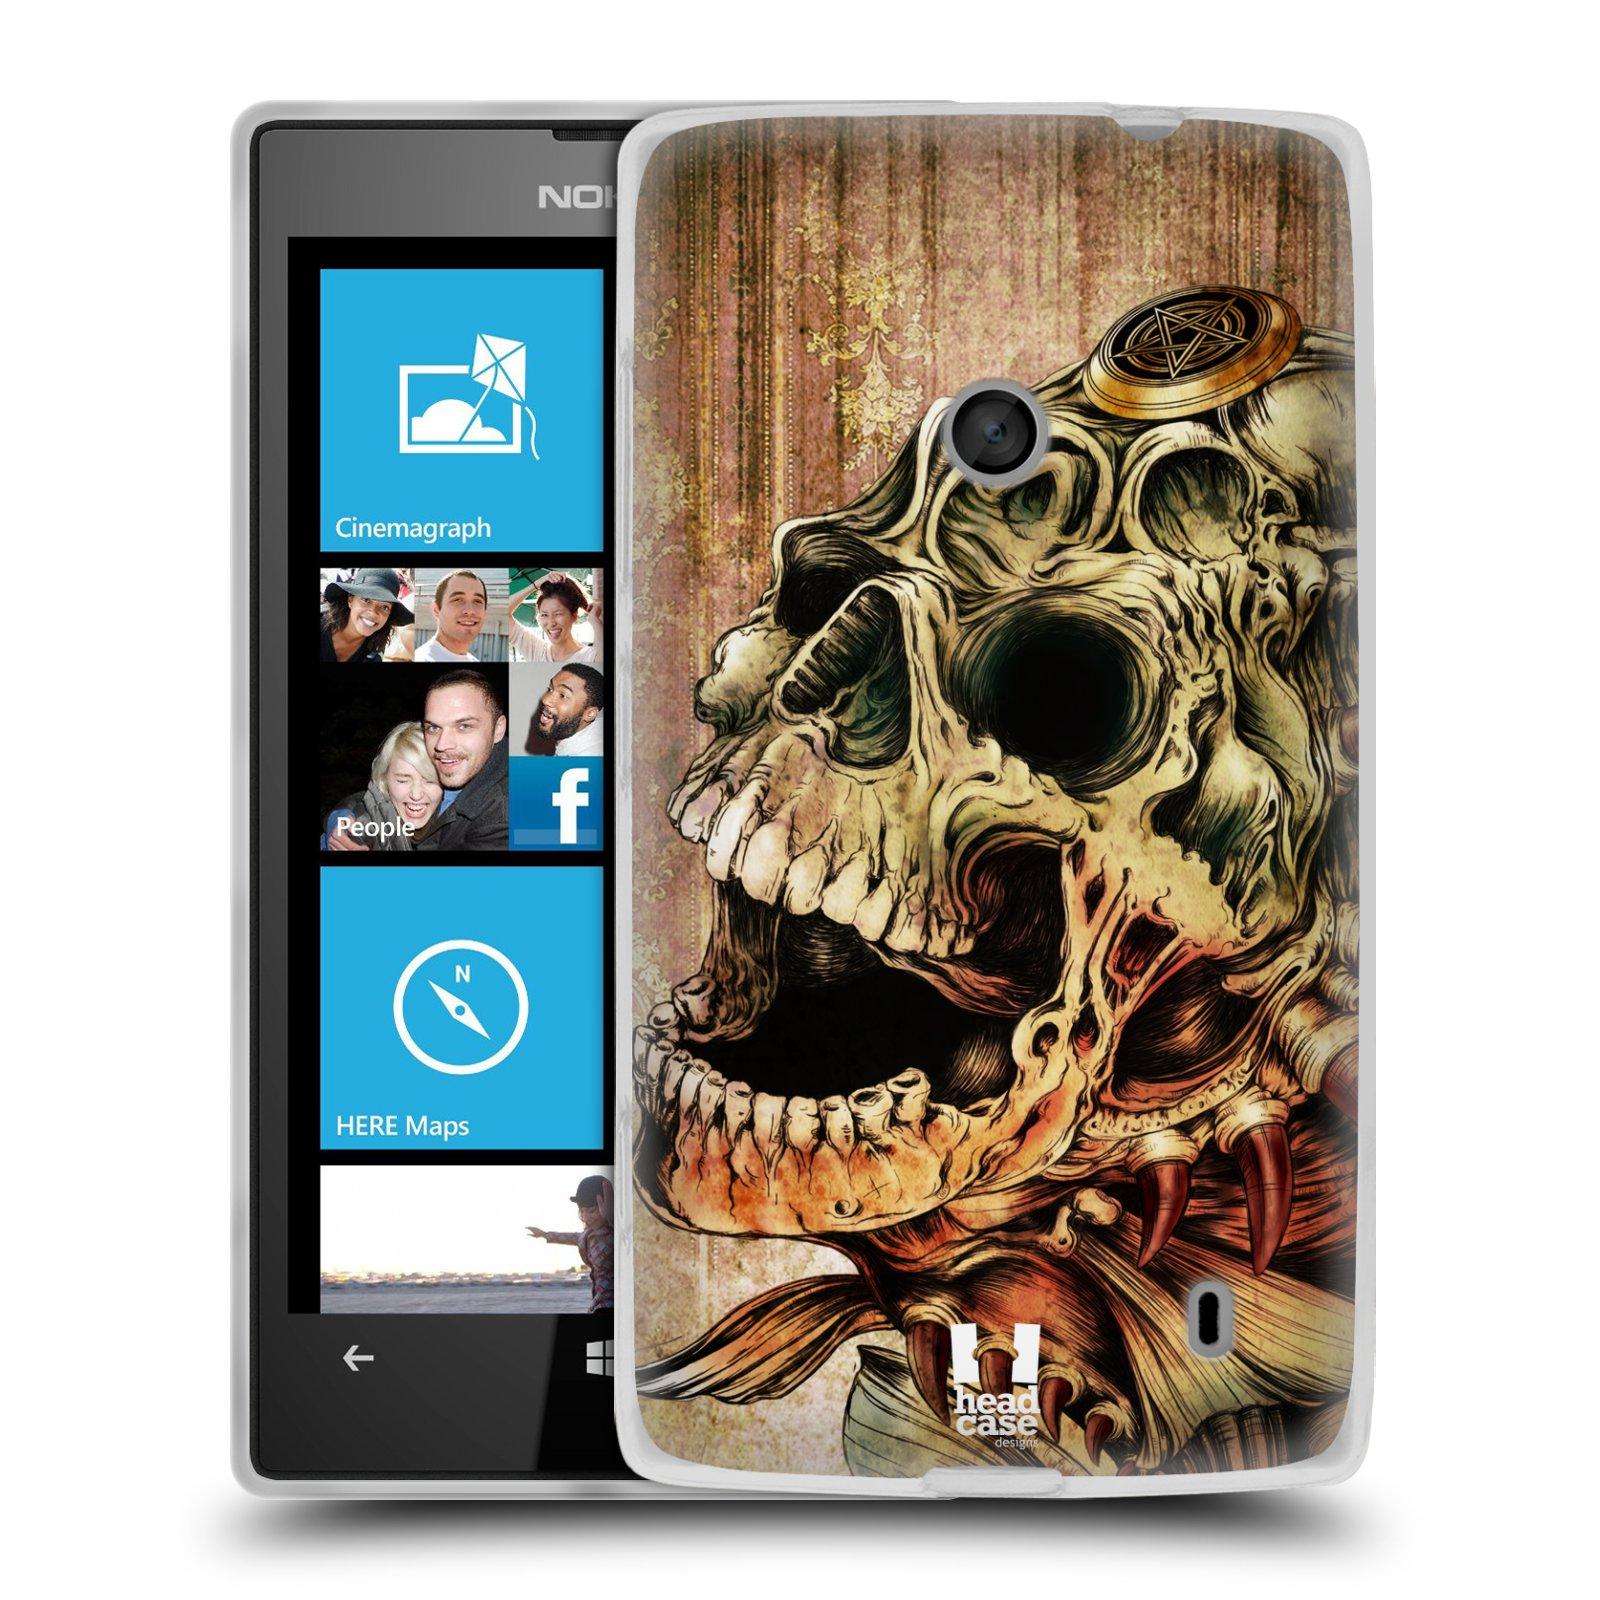 Silikonové pouzdro na mobil Nokia Lumia 520 HEAD CASE PIRANHA (Silikonový Kryt či obal na mobilní telefon Nokia Lumia 520)